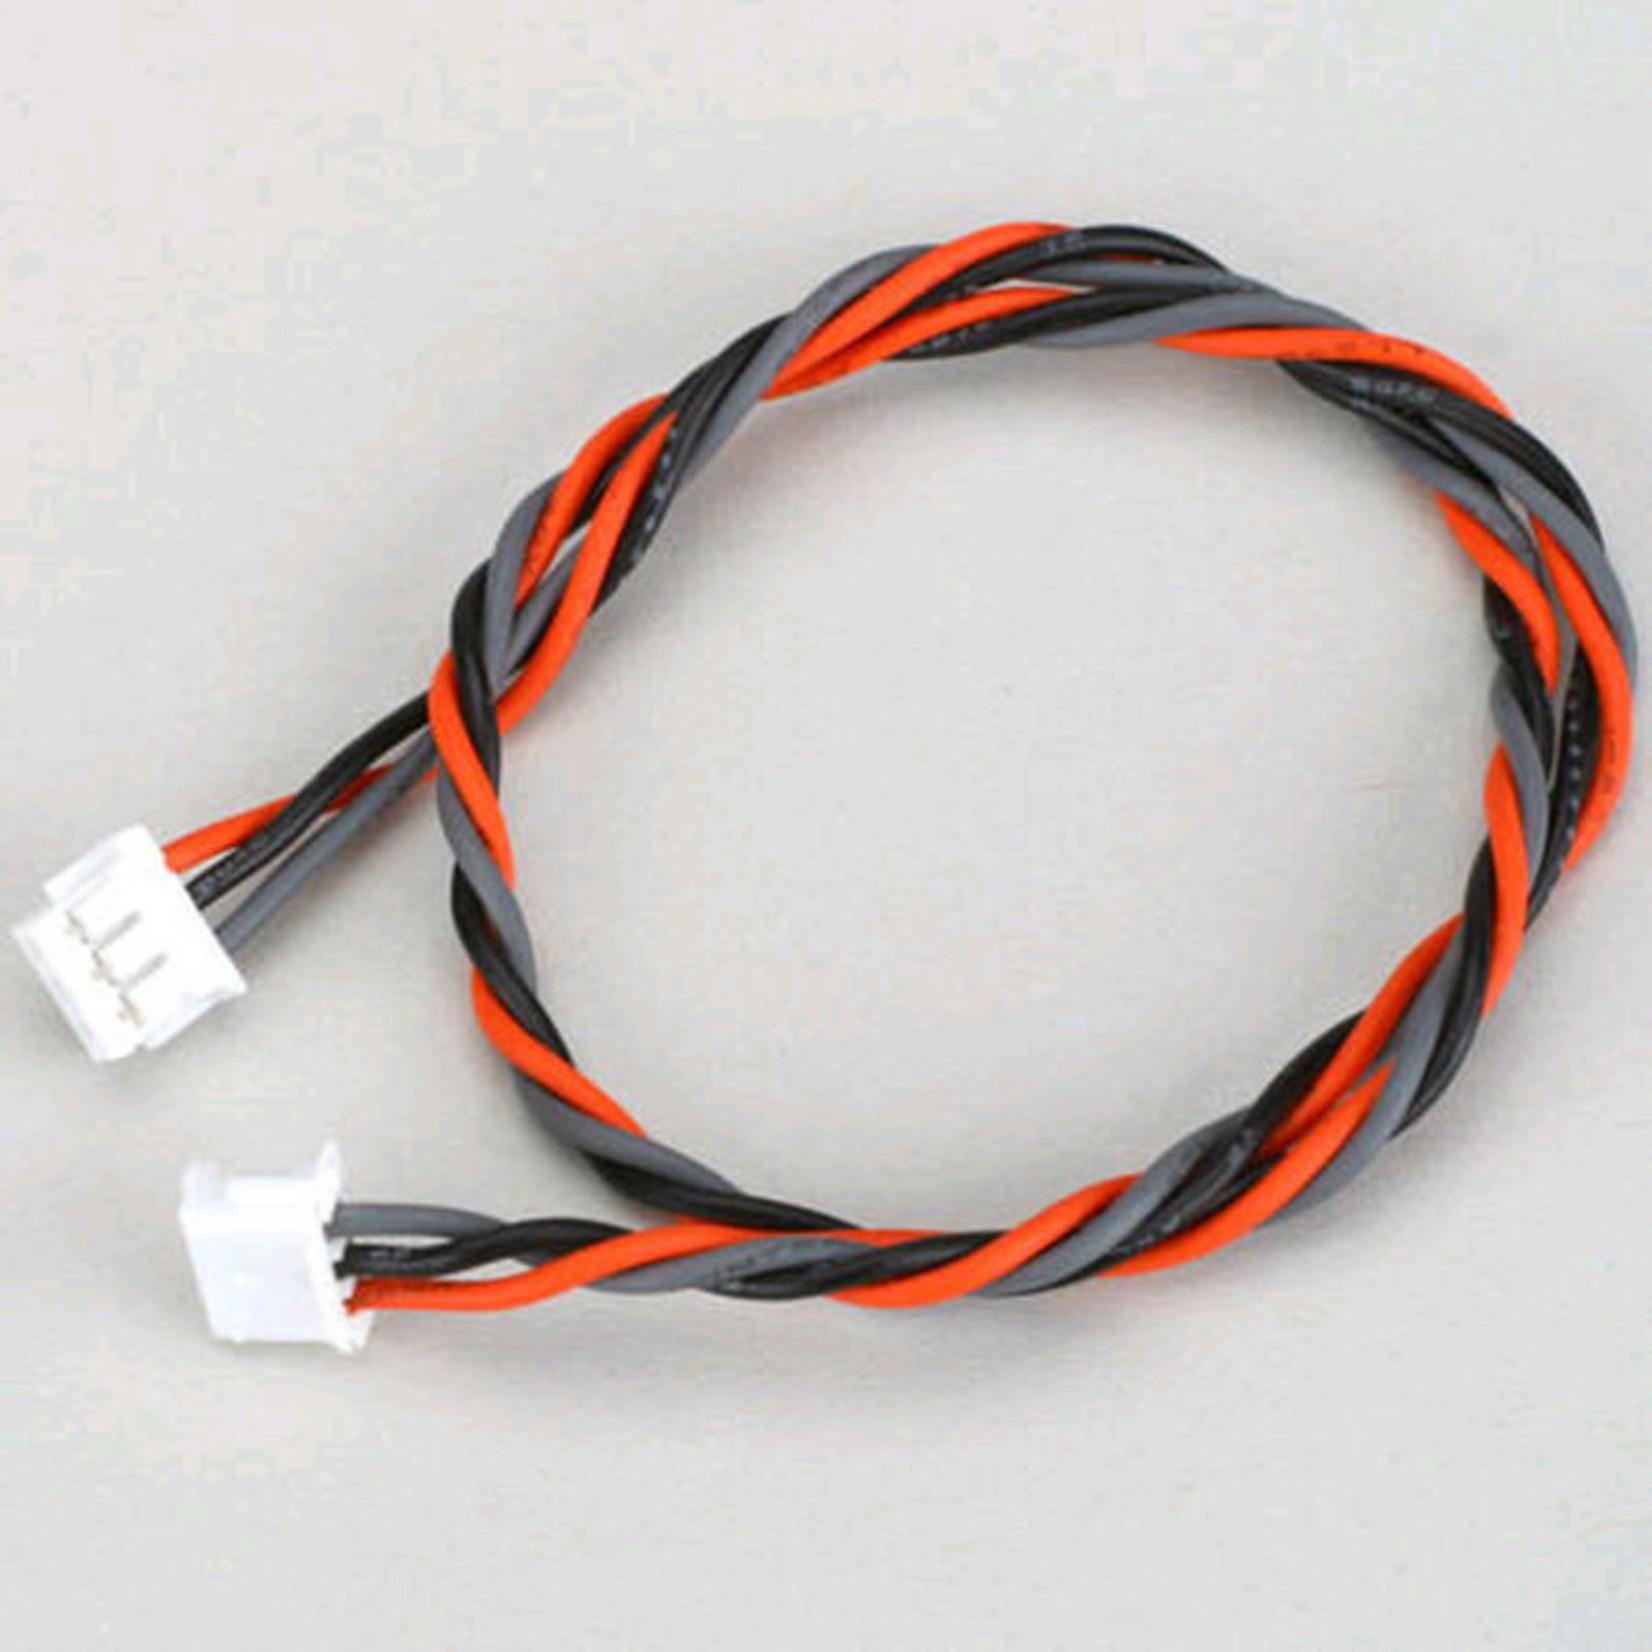 Spektrum SPM9011 Spektrum Remote Receiver Extension 9-inch